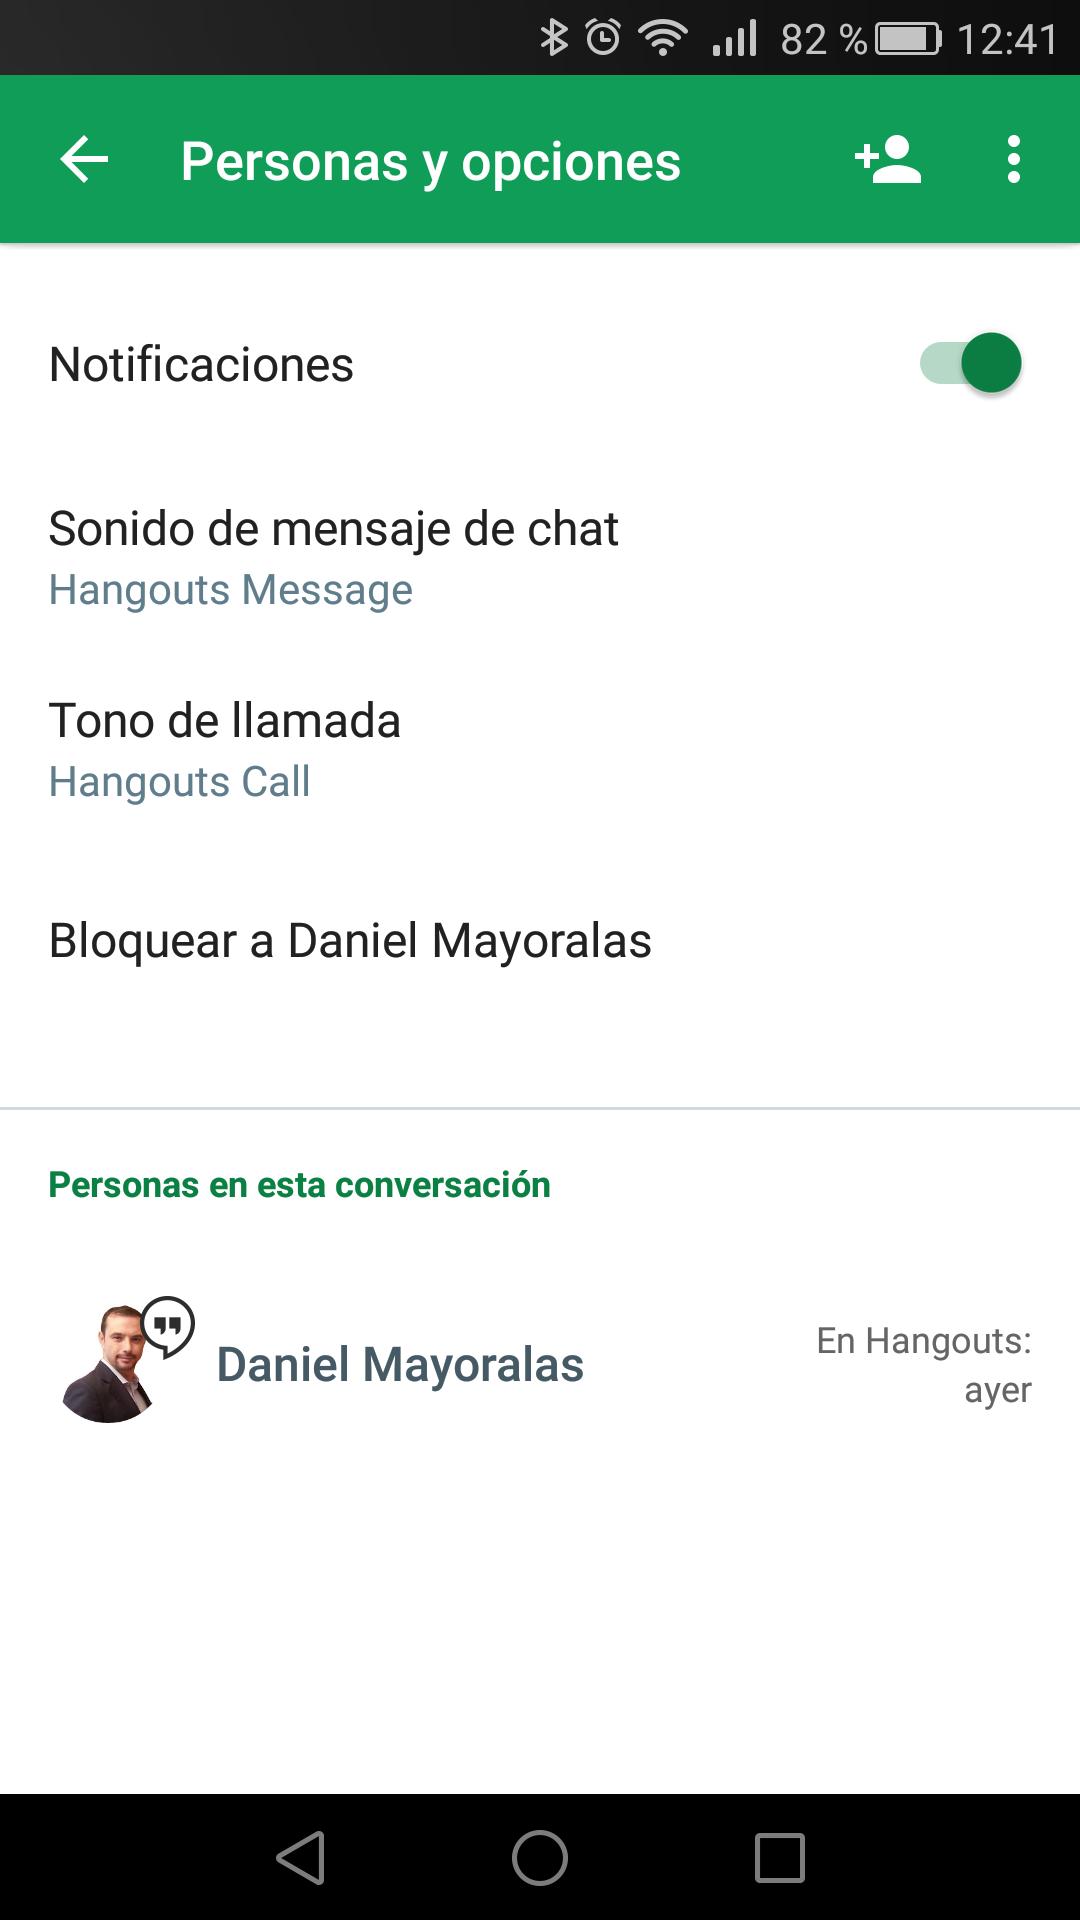 Notificaciones en la aplicación Hangouts